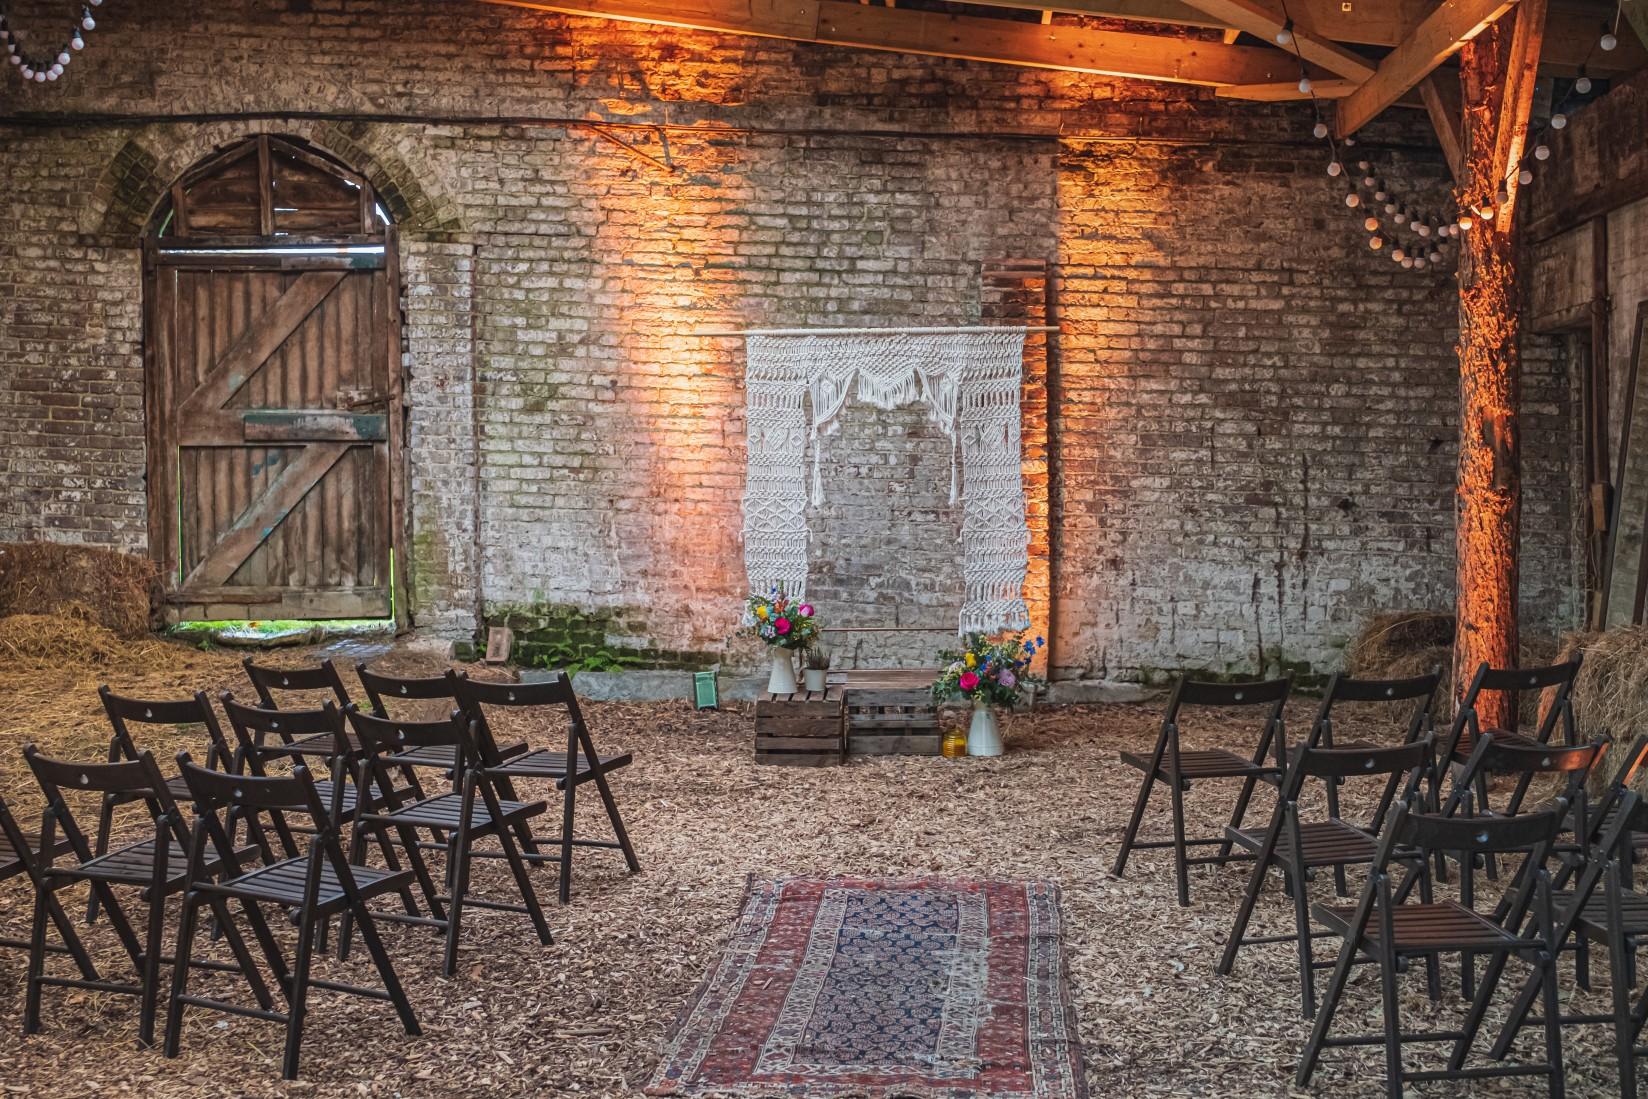 colourful micro wedding at patricks barn - unique wedding ceremony - outdoor wedding ceremony - bohemian wedding ceremony - sussex wedding venue